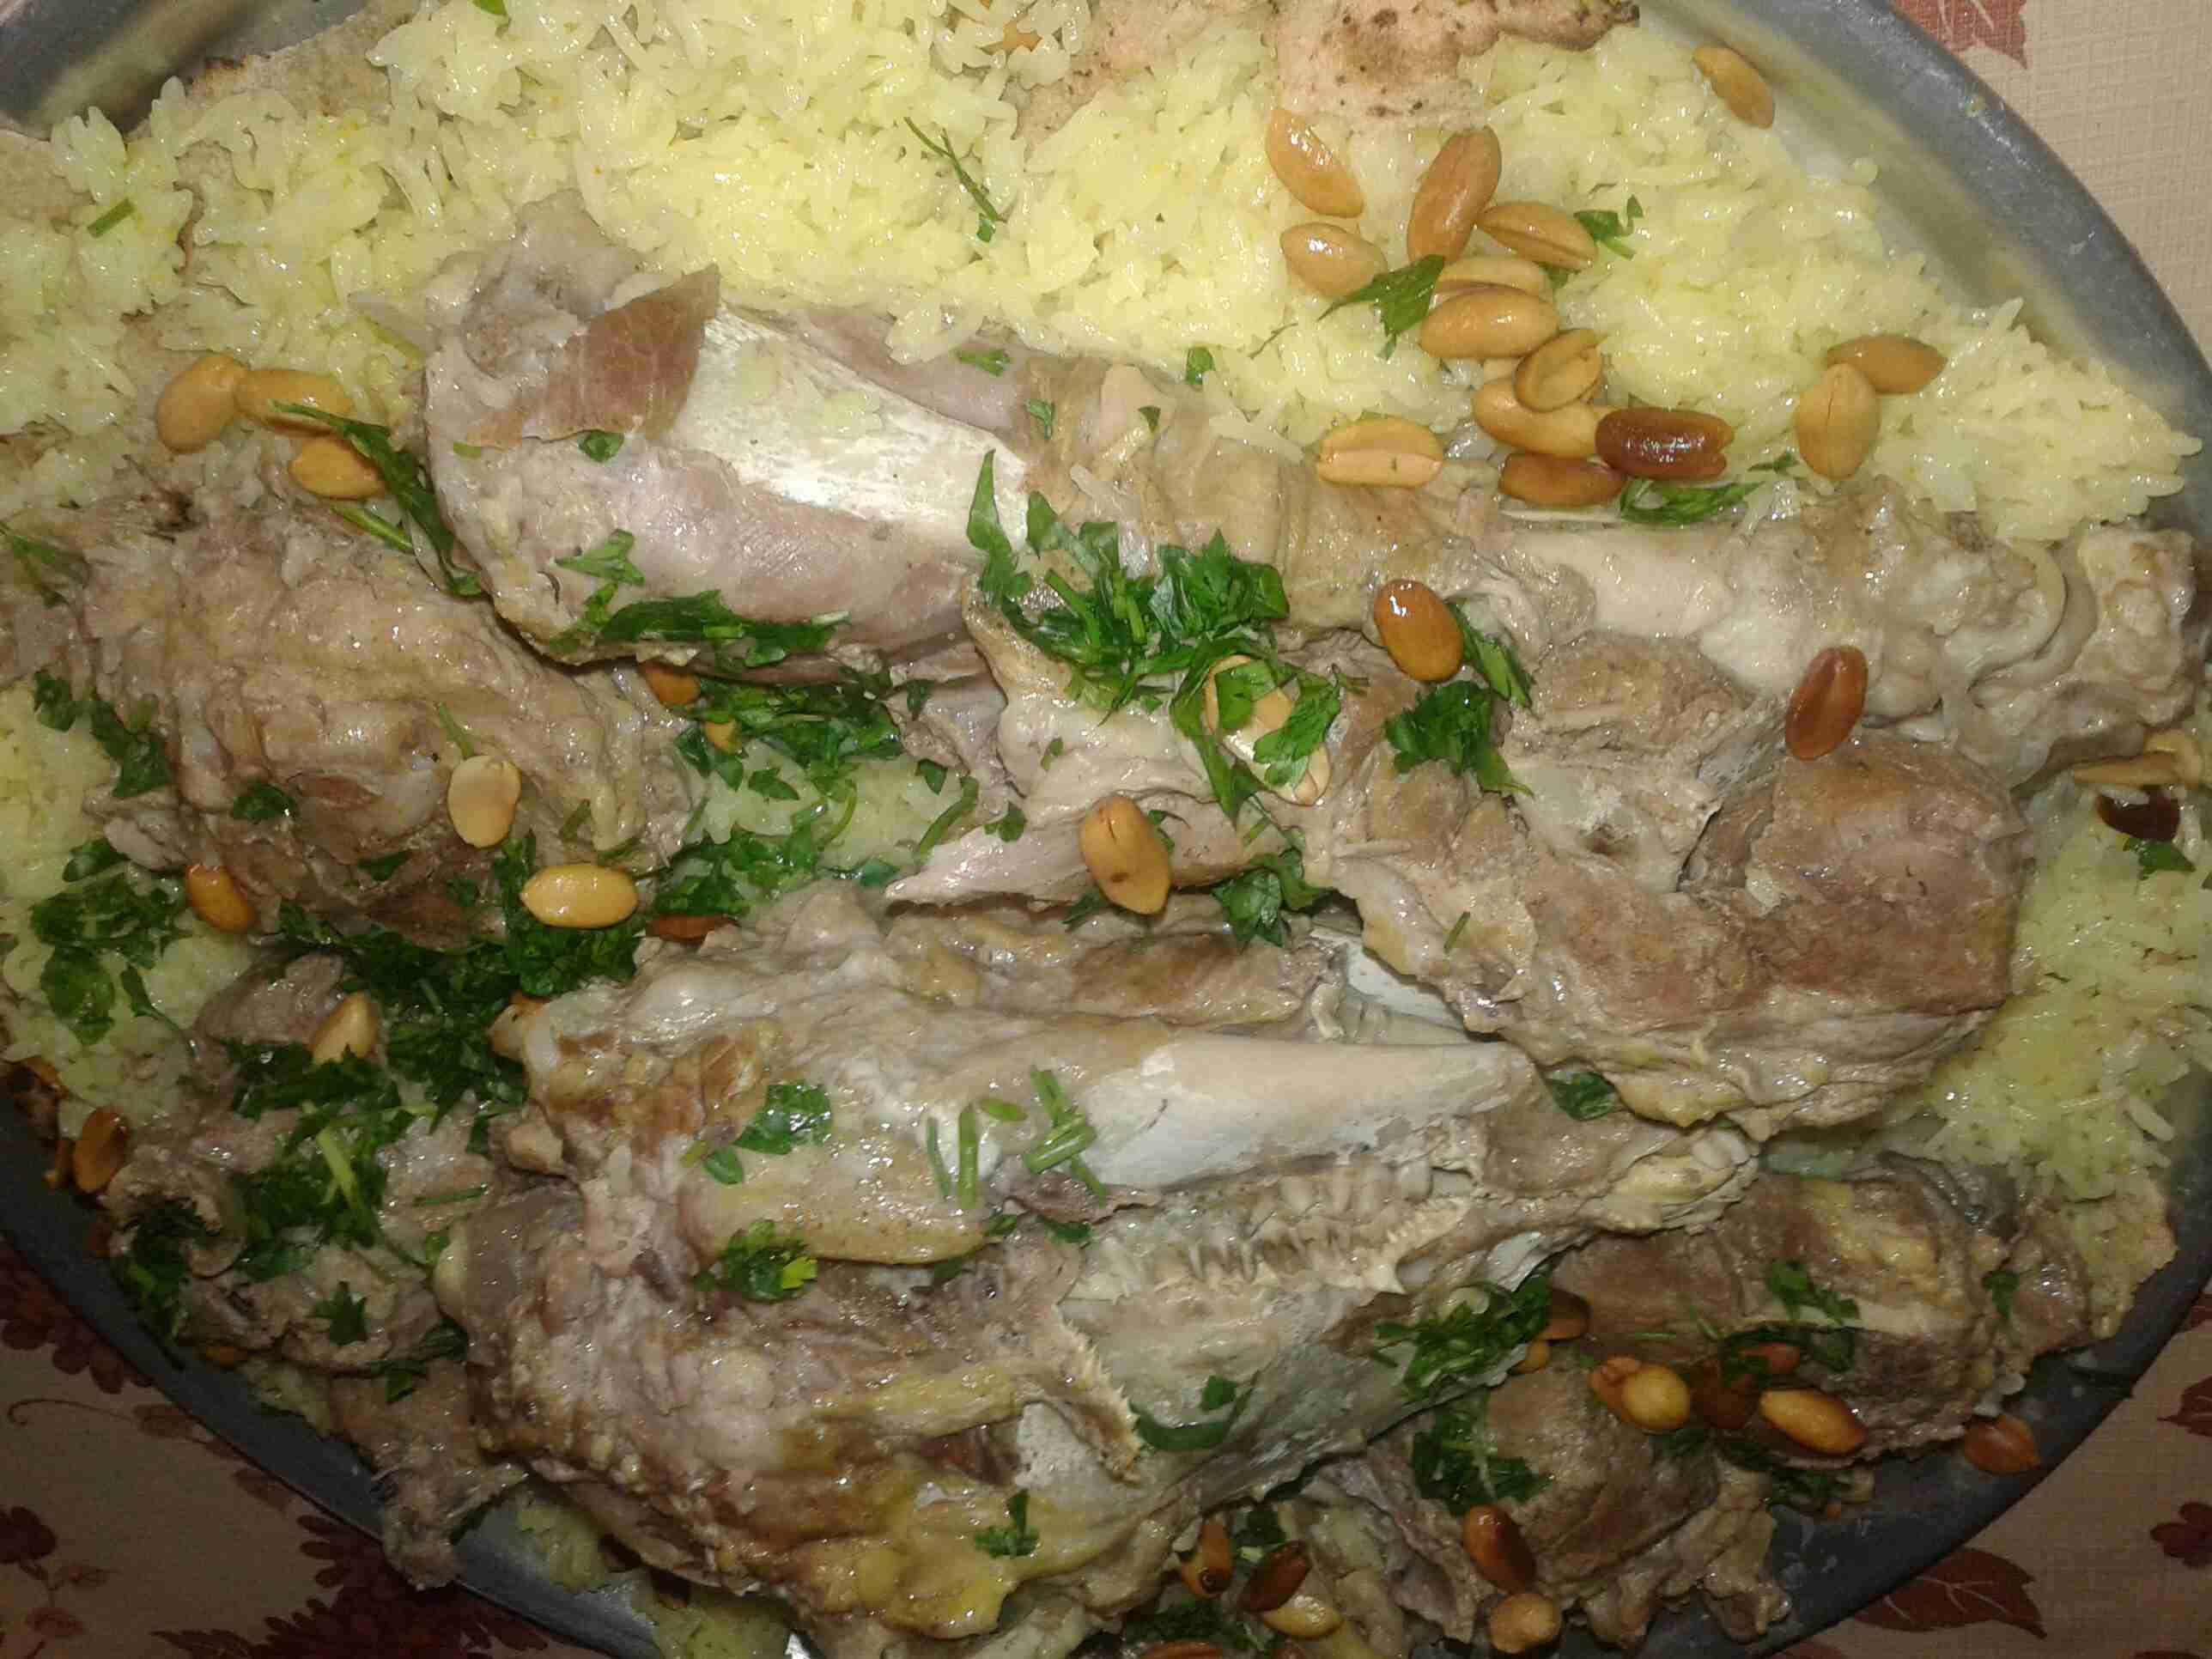 المنسف الاردني ملكة الأكلات الاردنية زاكي Recipe Main Dishes Cooking Arabic Food